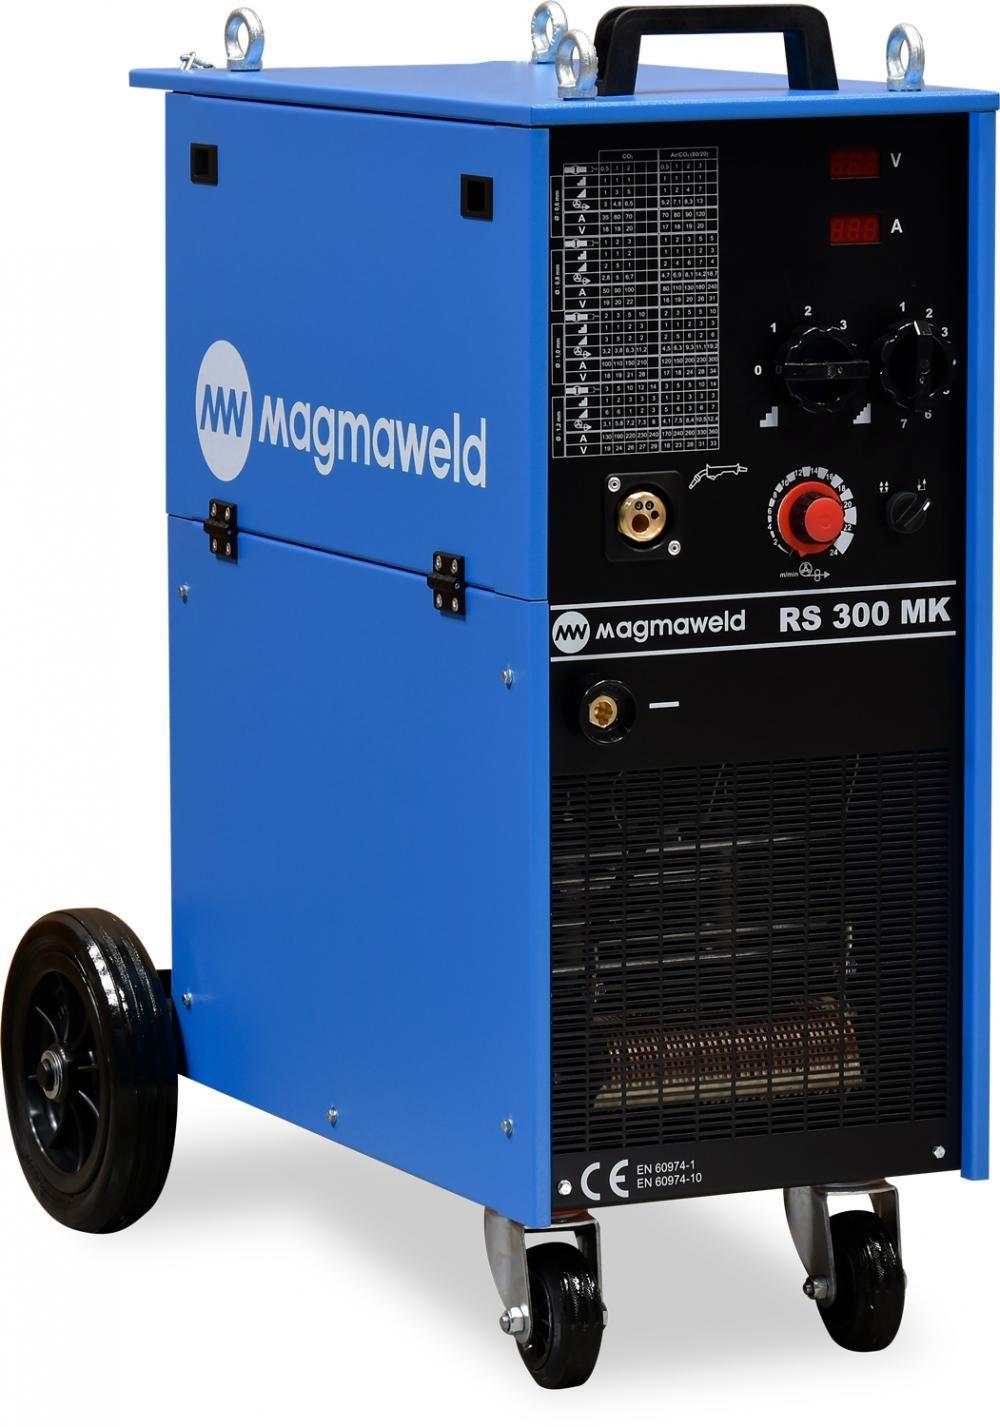 Magmaweld RS 300 MK